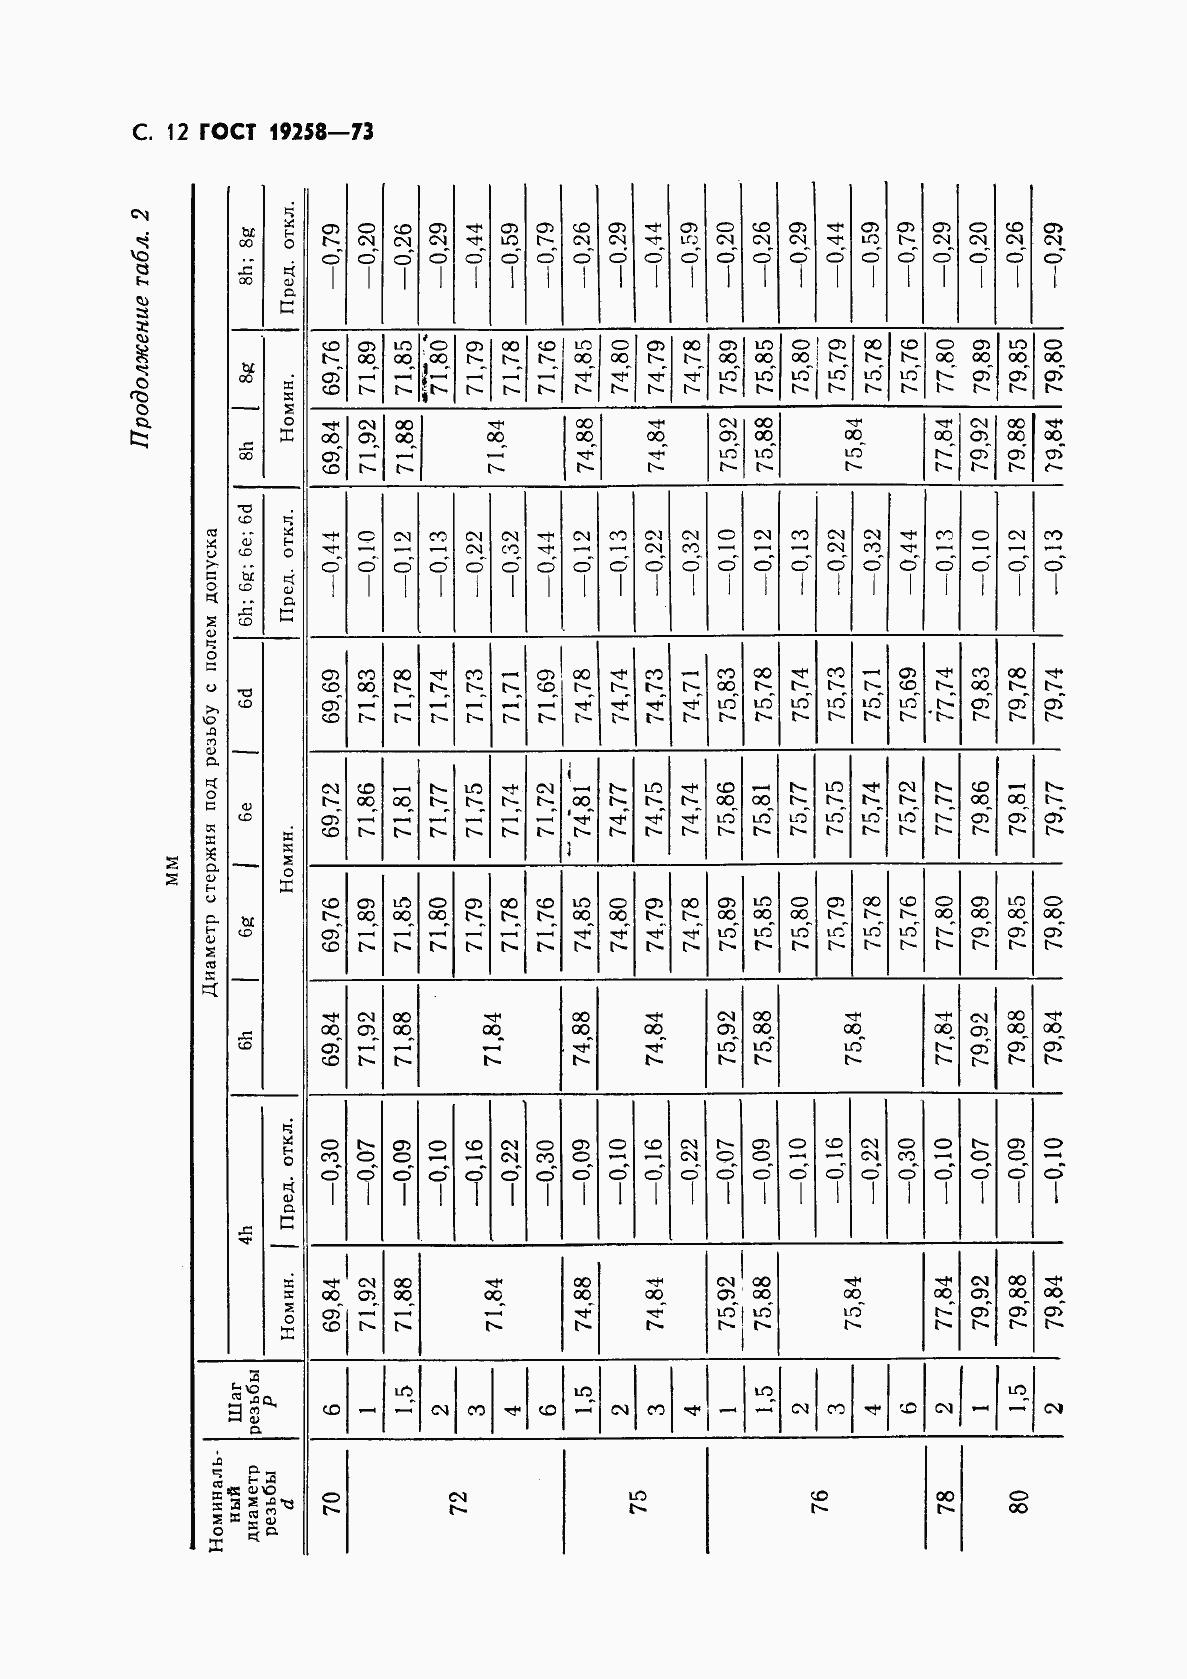 ГОСТ 19258-73. Страница 14